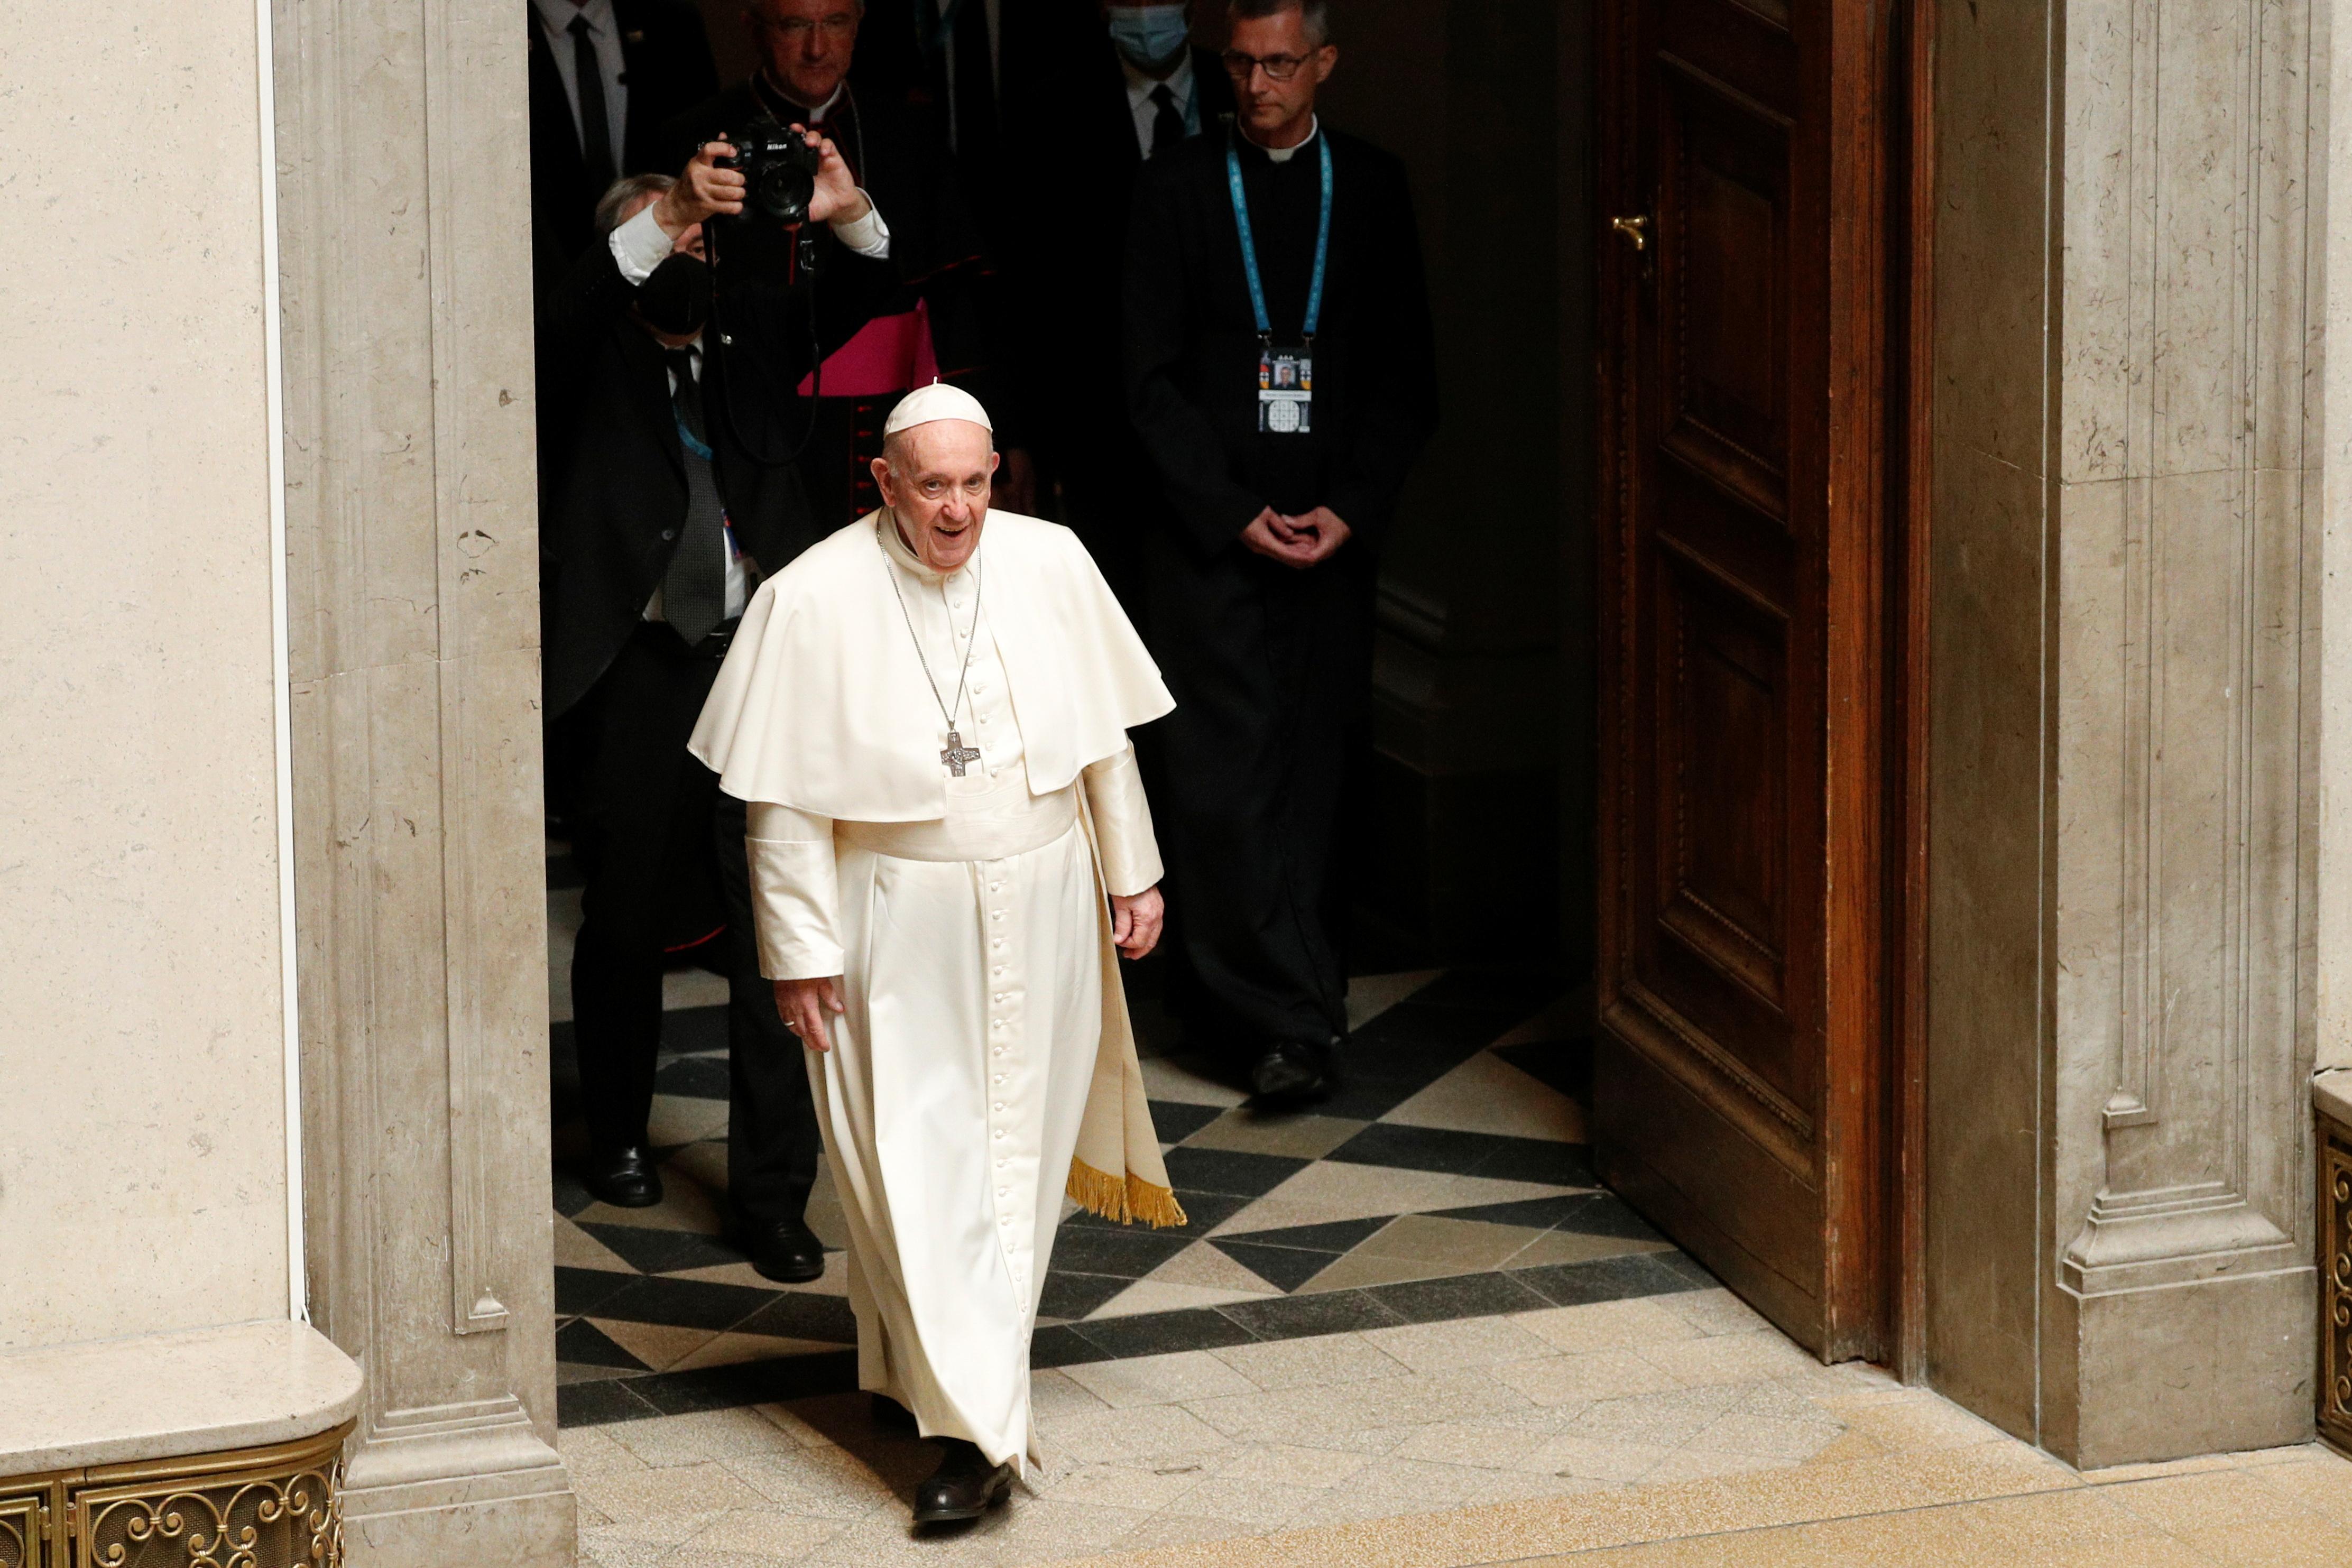 Ο Πάπας Φραγκίσκος φτάνει να συναντηθεί με εκπροσώπους της Οικουμενικής Συνόδου Εκκλησιών στο Μουσείο Καλών Τεχνών στη Βουδαπέστη, Ουγγαρία, 12 Σεπτεμβρίου 2021. REUTERS/Remo Casilli